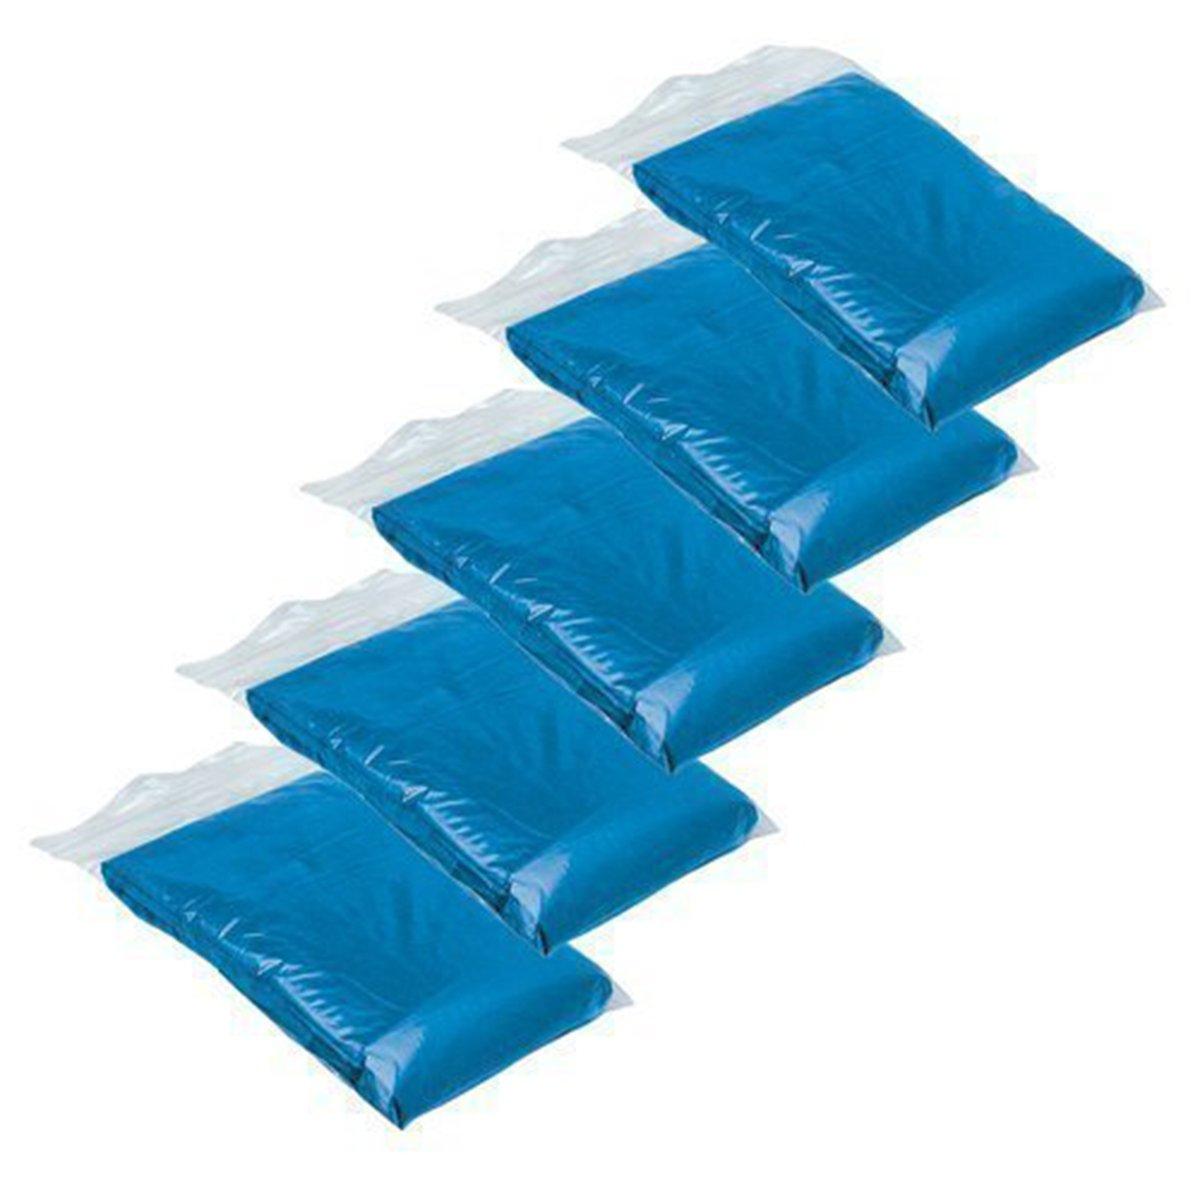 LEORX 5pcs Impermeables desechables para viajes al aire libre (azul)